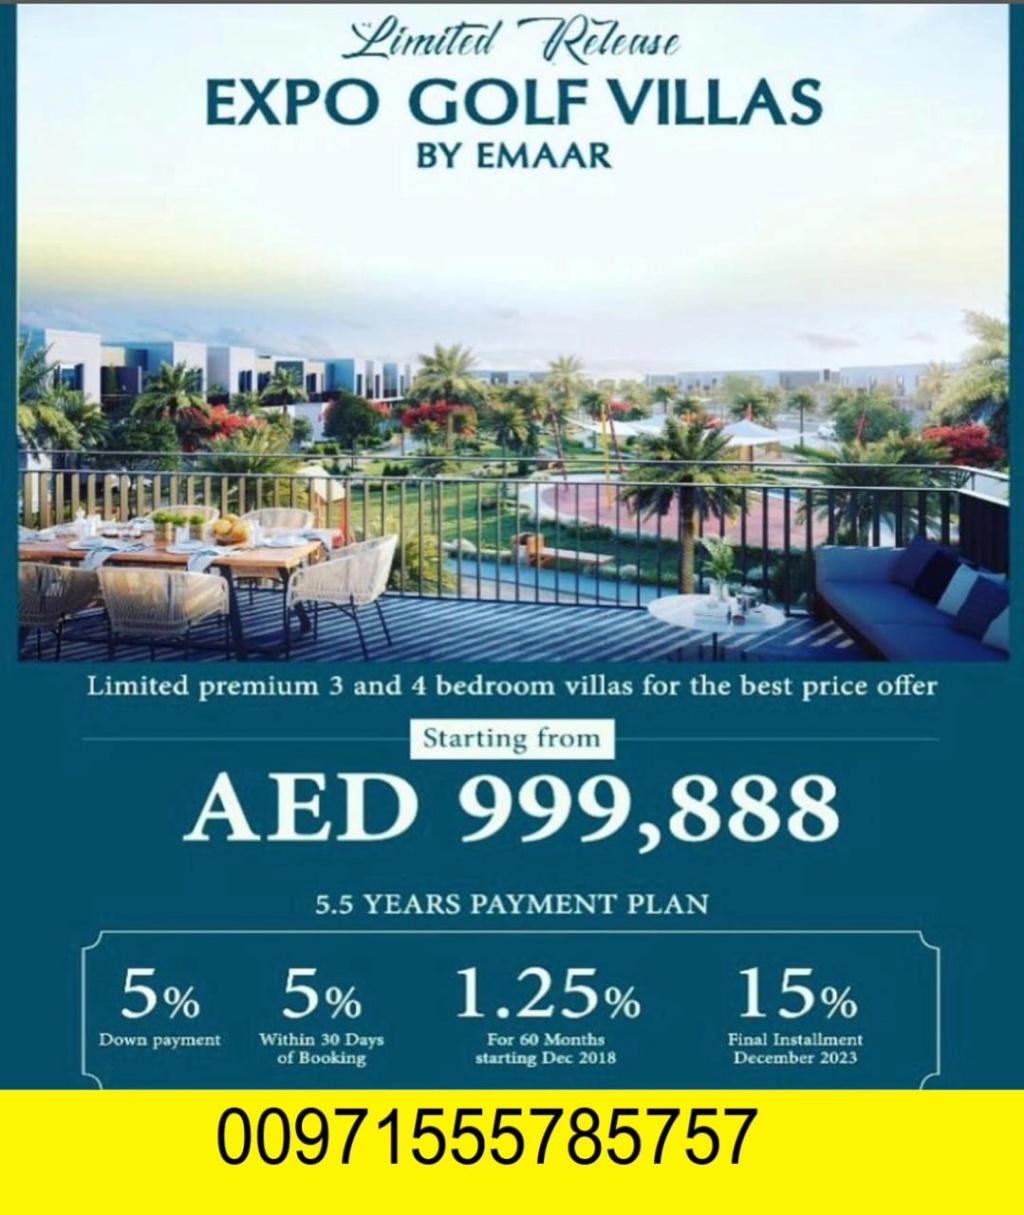 فلل للبيع في دبي بسعر مميز جدا يبدأ السعر من 999,888 درهم فقط  Img_8311